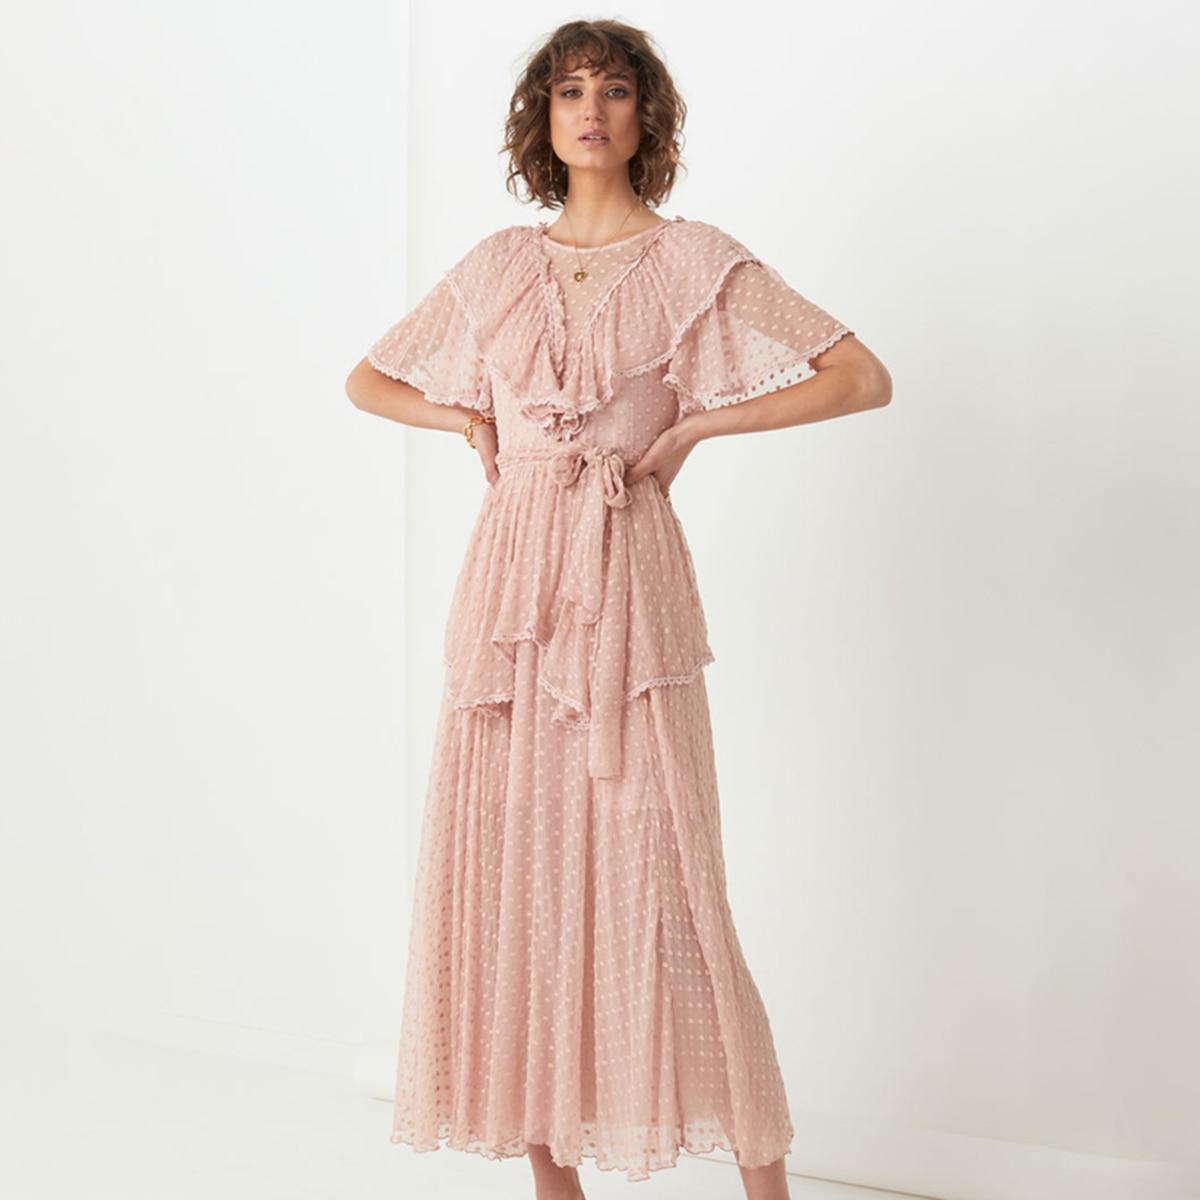 Sexy dos nu point dames robe Midi col rond à manches courtes volants Vintage Chic Vestidos été élégant décontracté soirée robe de soirée